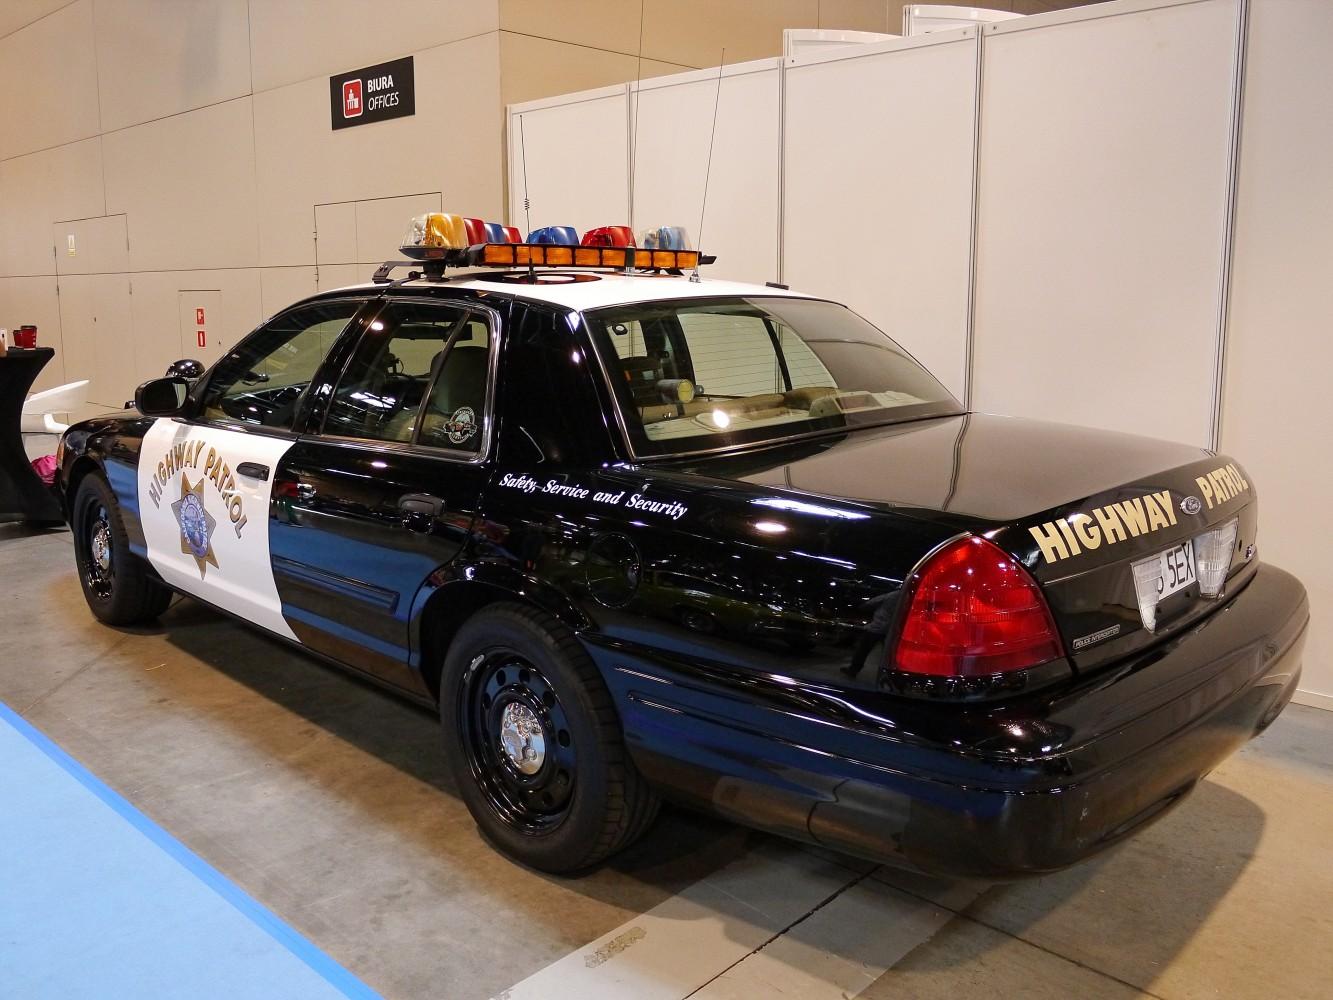 Kliknij obrazek, aby uzyskać większą wersję  Nazwa:Ford Crown Victoria (2).jpg Wyświetleń:70 Rozmiar:271,5 KB ID:232340